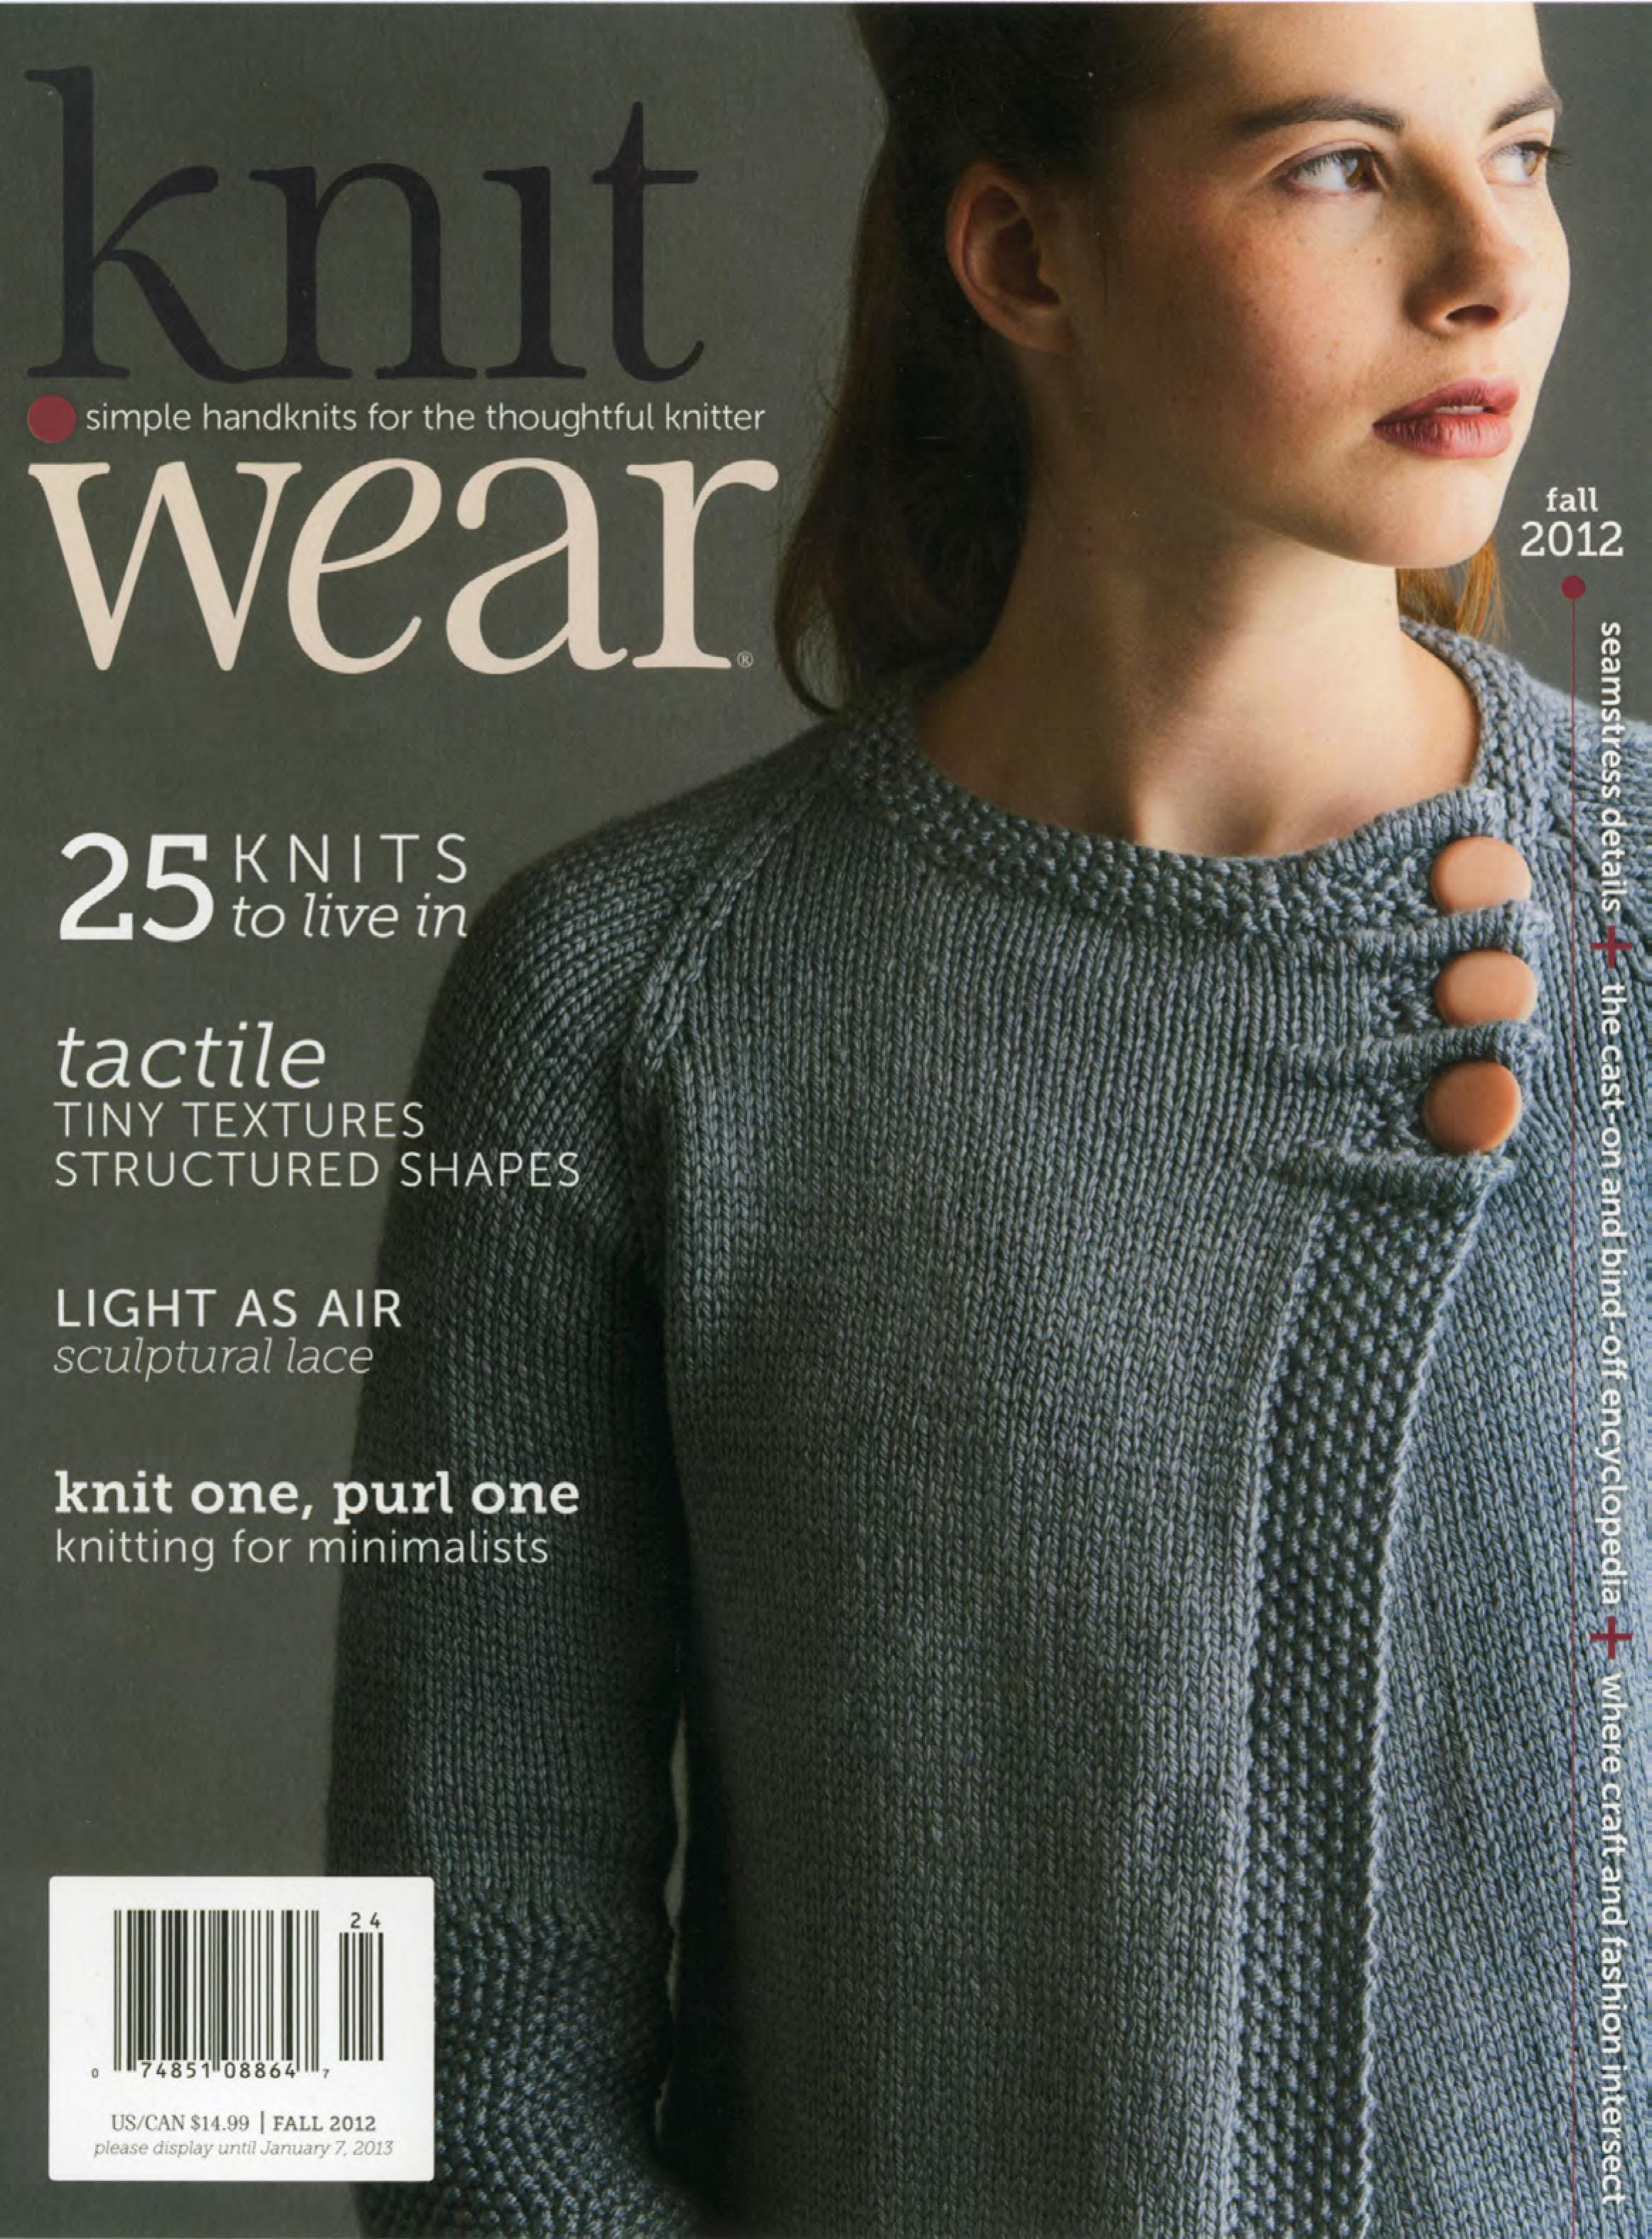 JuliaRamsey_Knitwear_fall2012_s-1.jpg